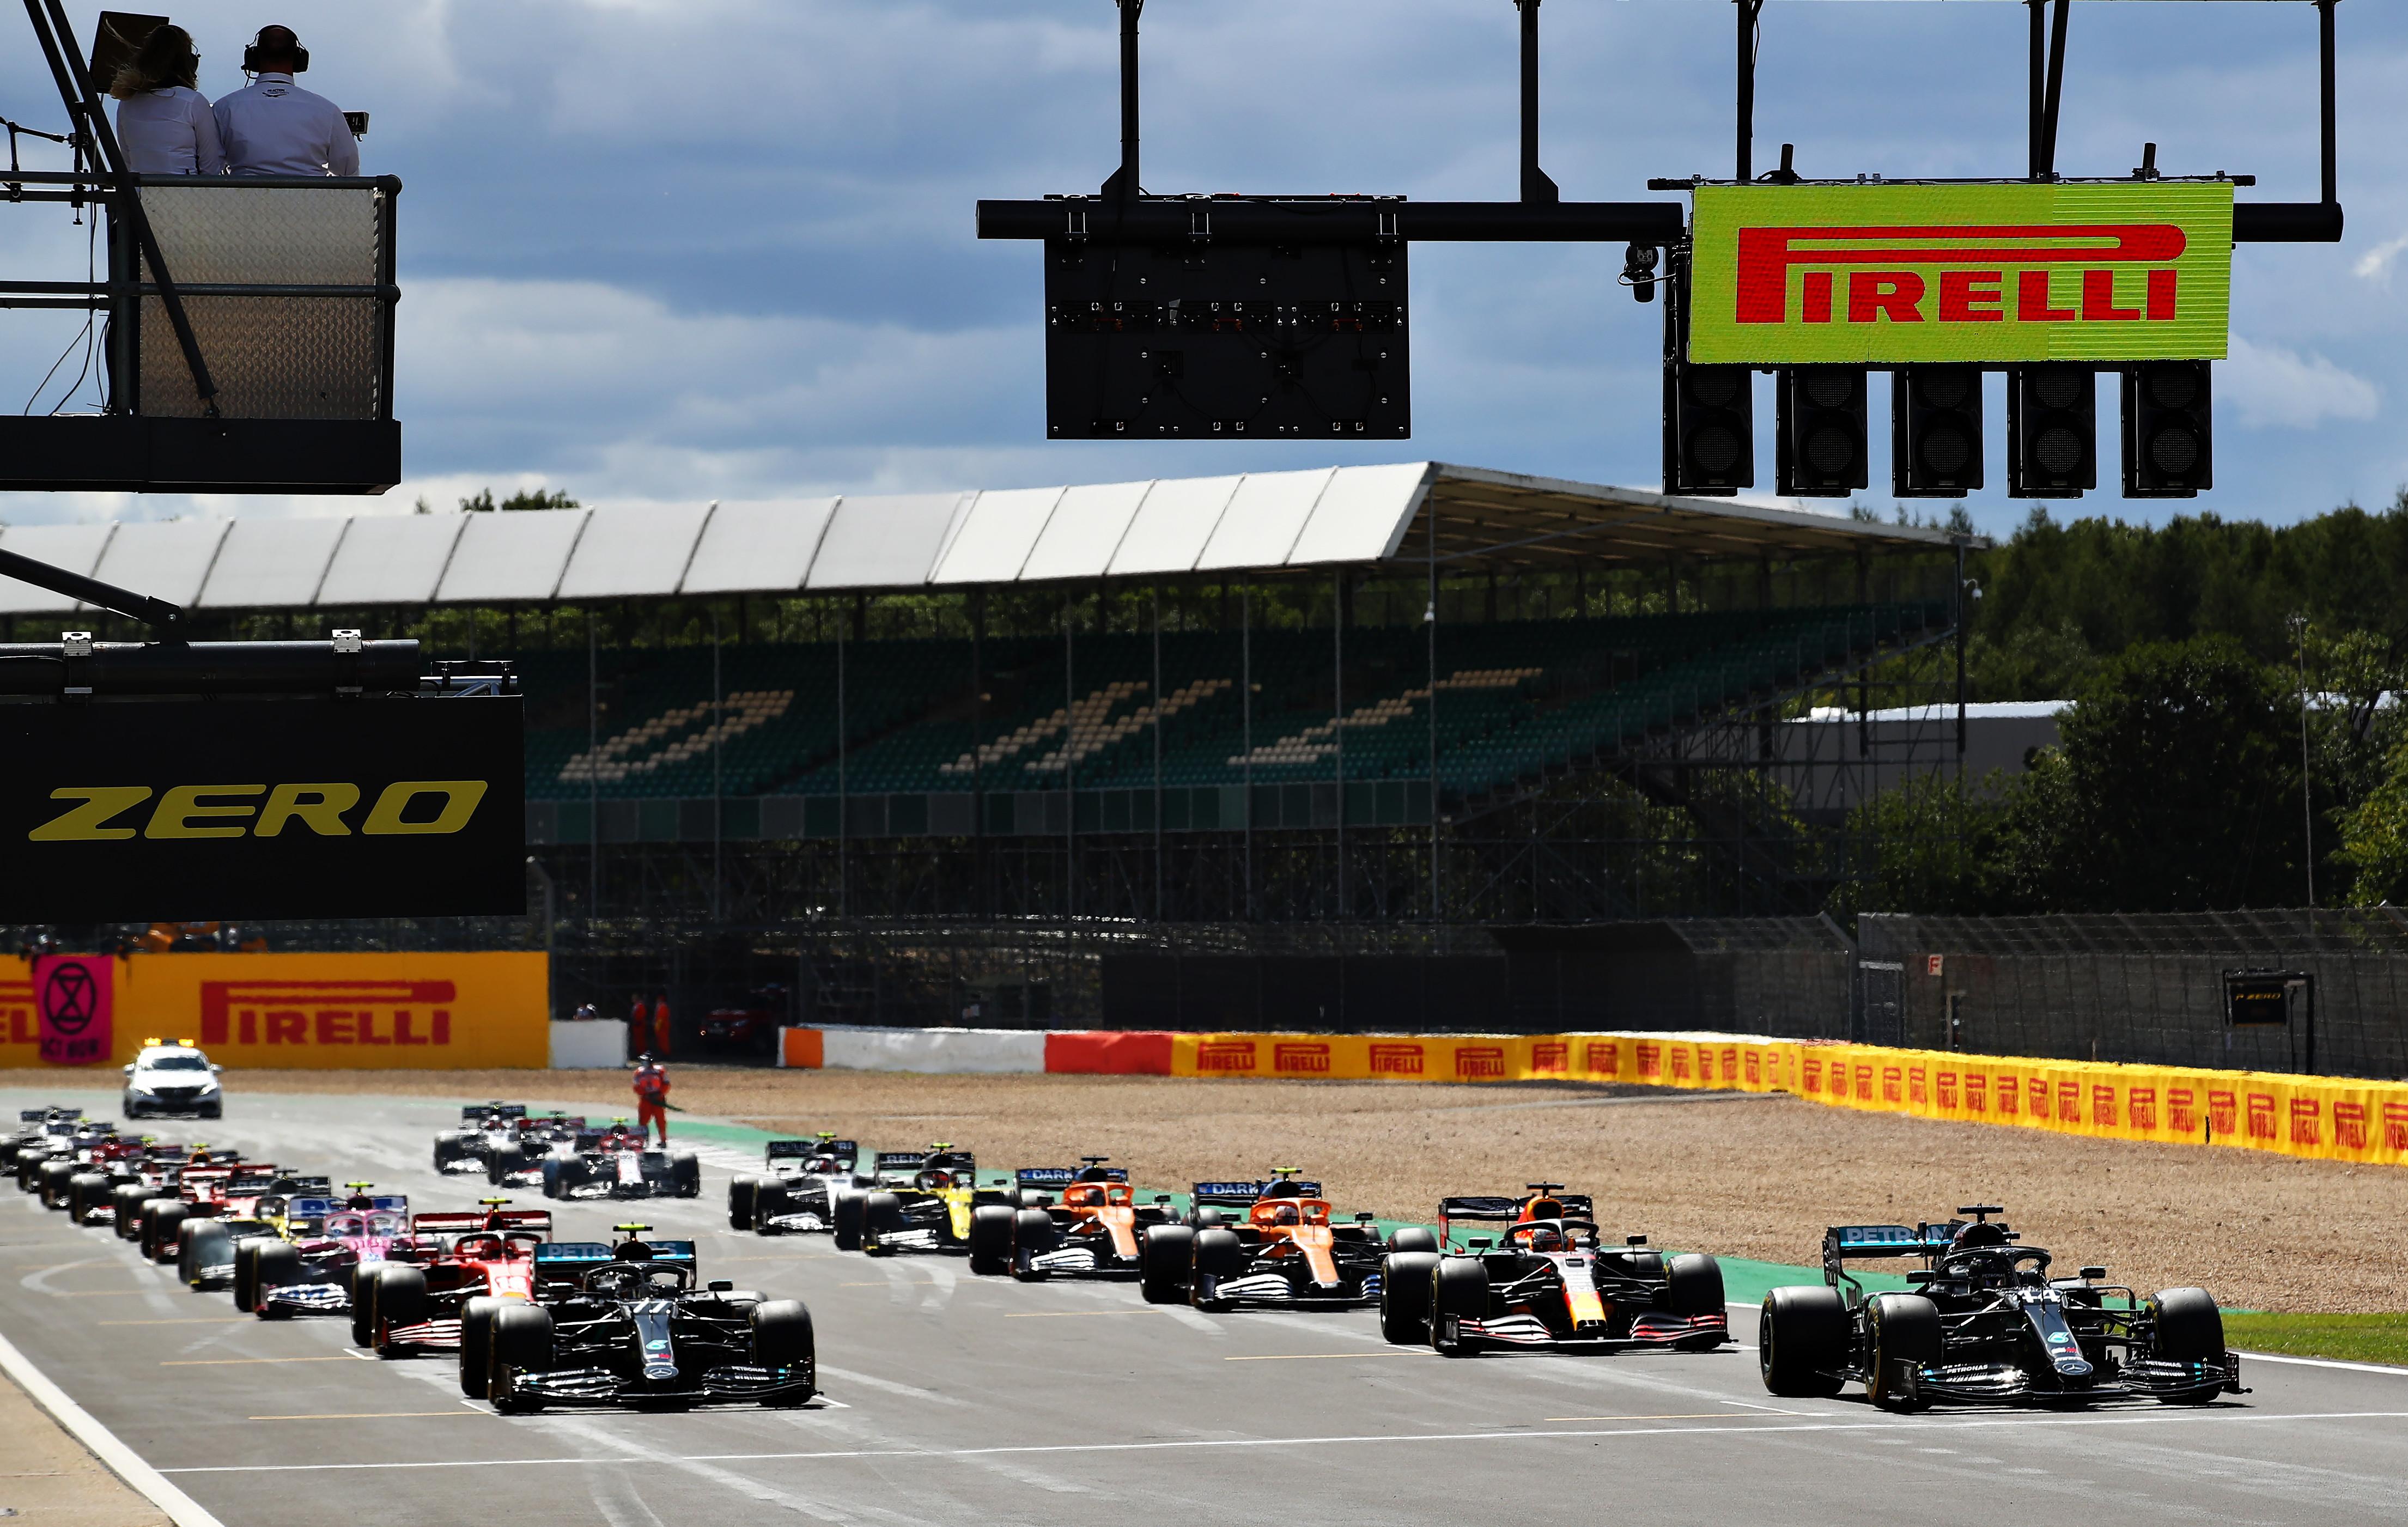 Il britannico chiude con una ruota bucata, a podio anche Leclerc